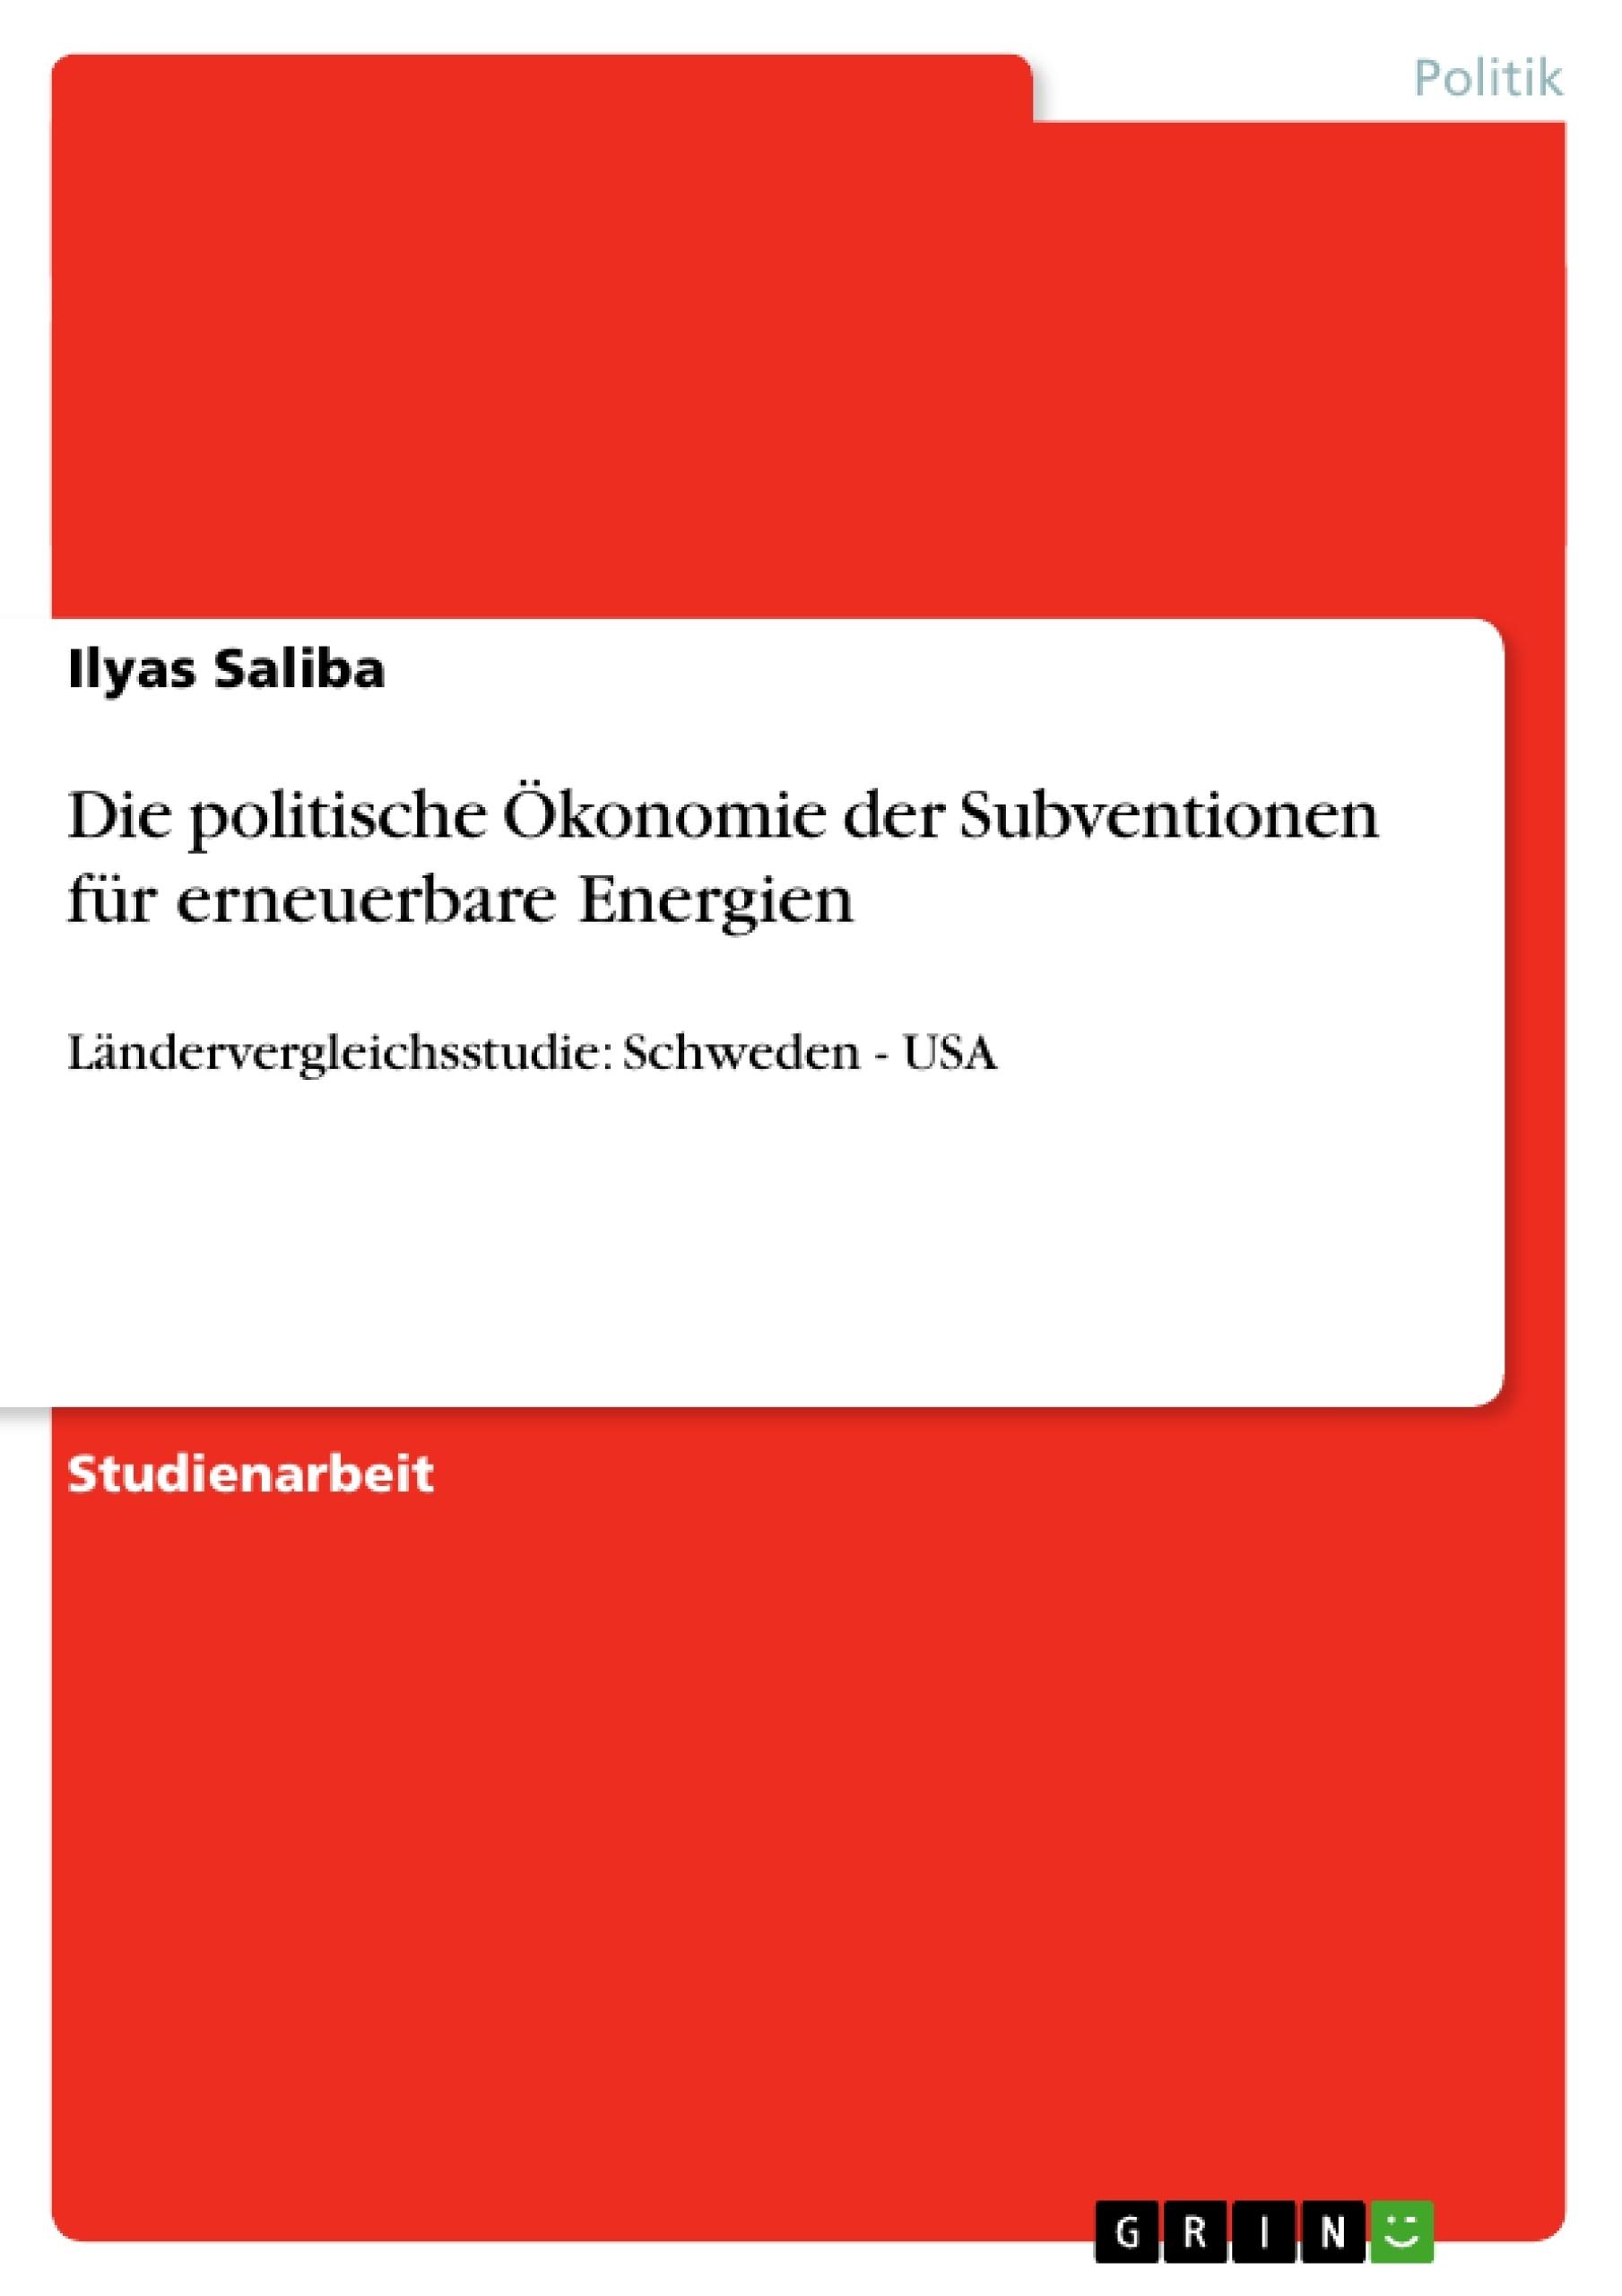 Titel: Die politische Ökonomie der Subventionen für erneuerbare Energien